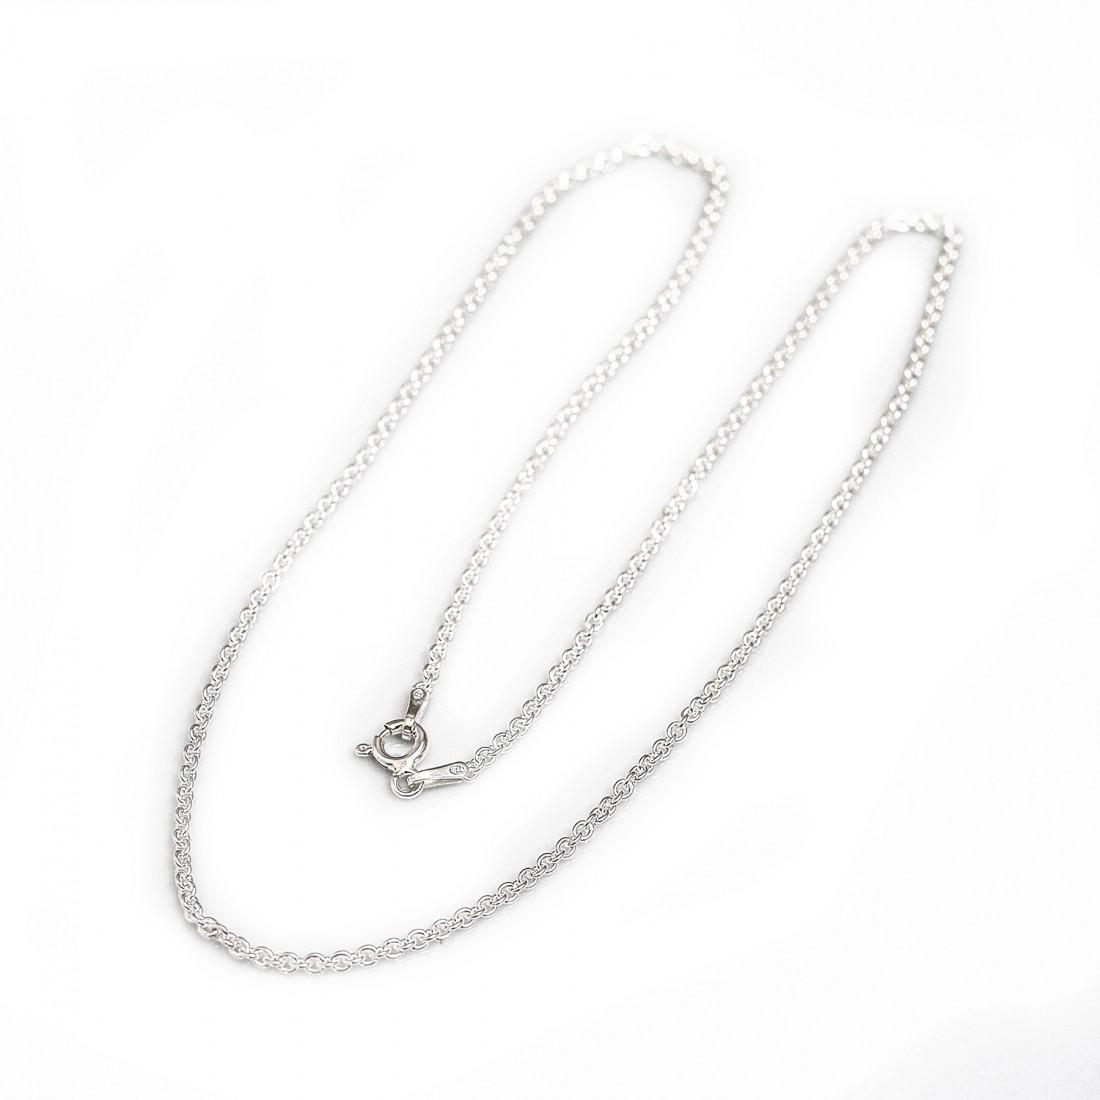 Fine Sterling Silver Trace Chain